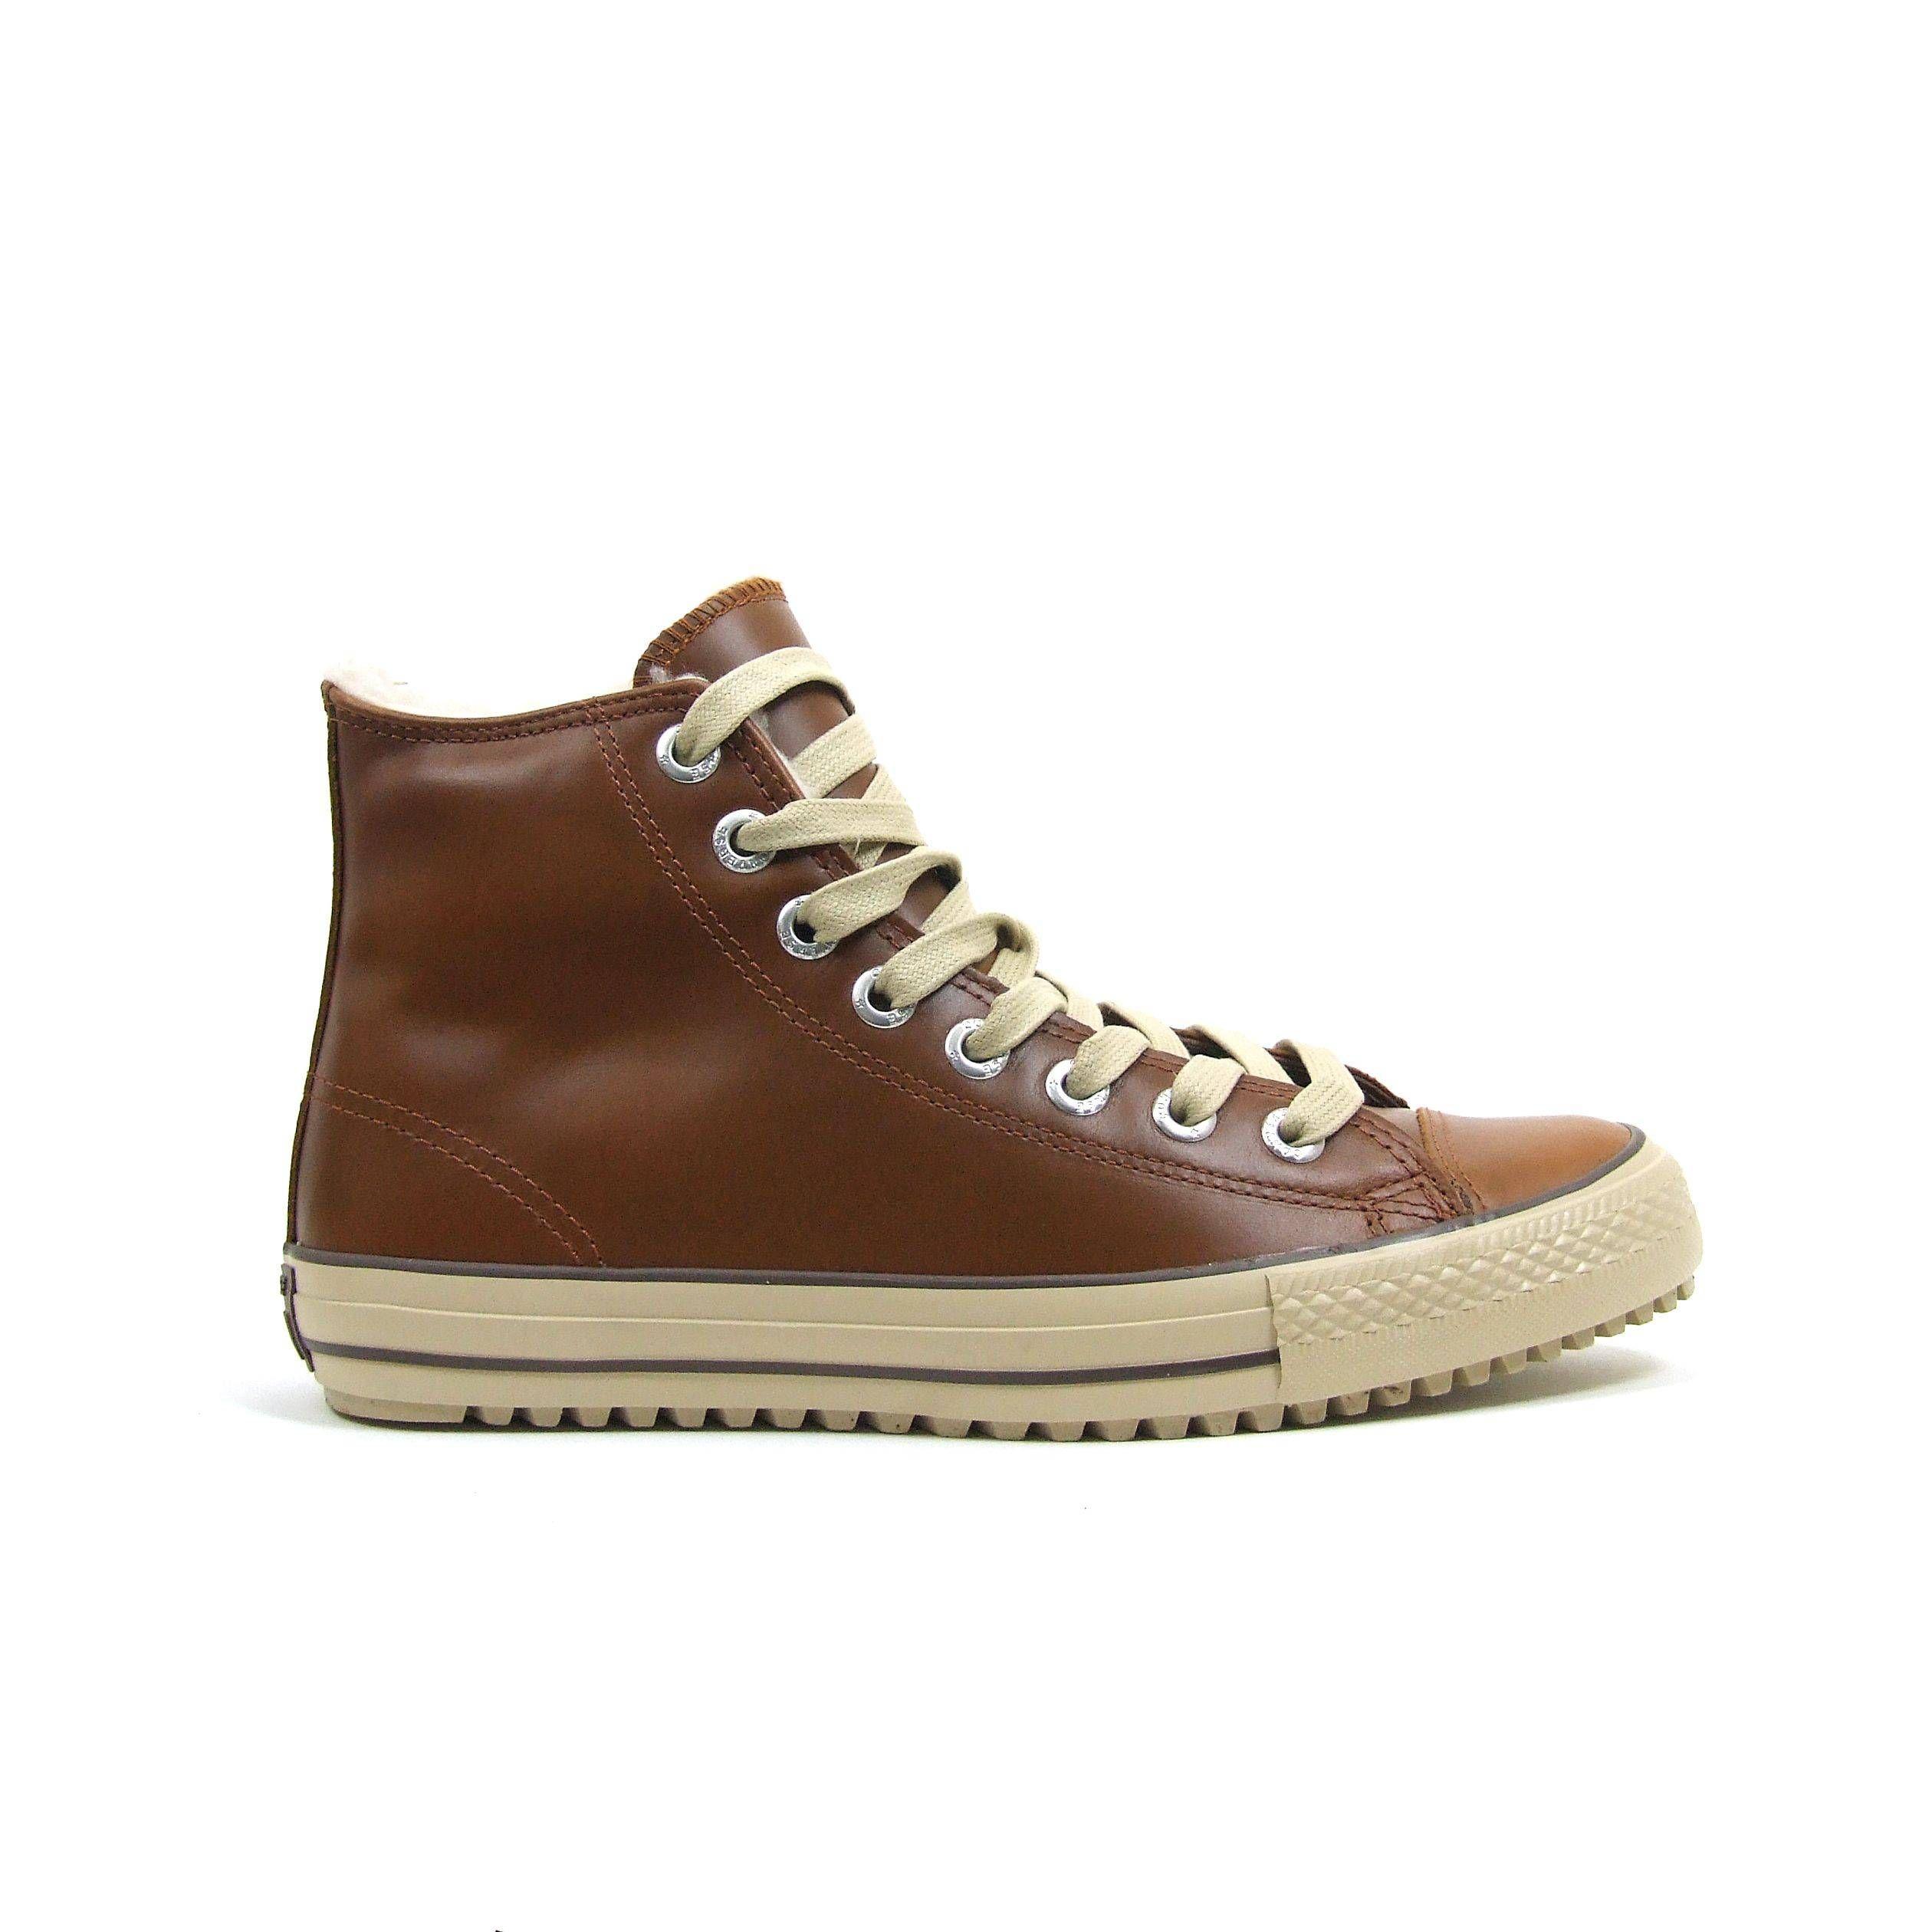 96dec5abbd6 Veter sneakers van Converse All Stars, model 134478! Helemaal goed zijn  deze halfhoge sneakers